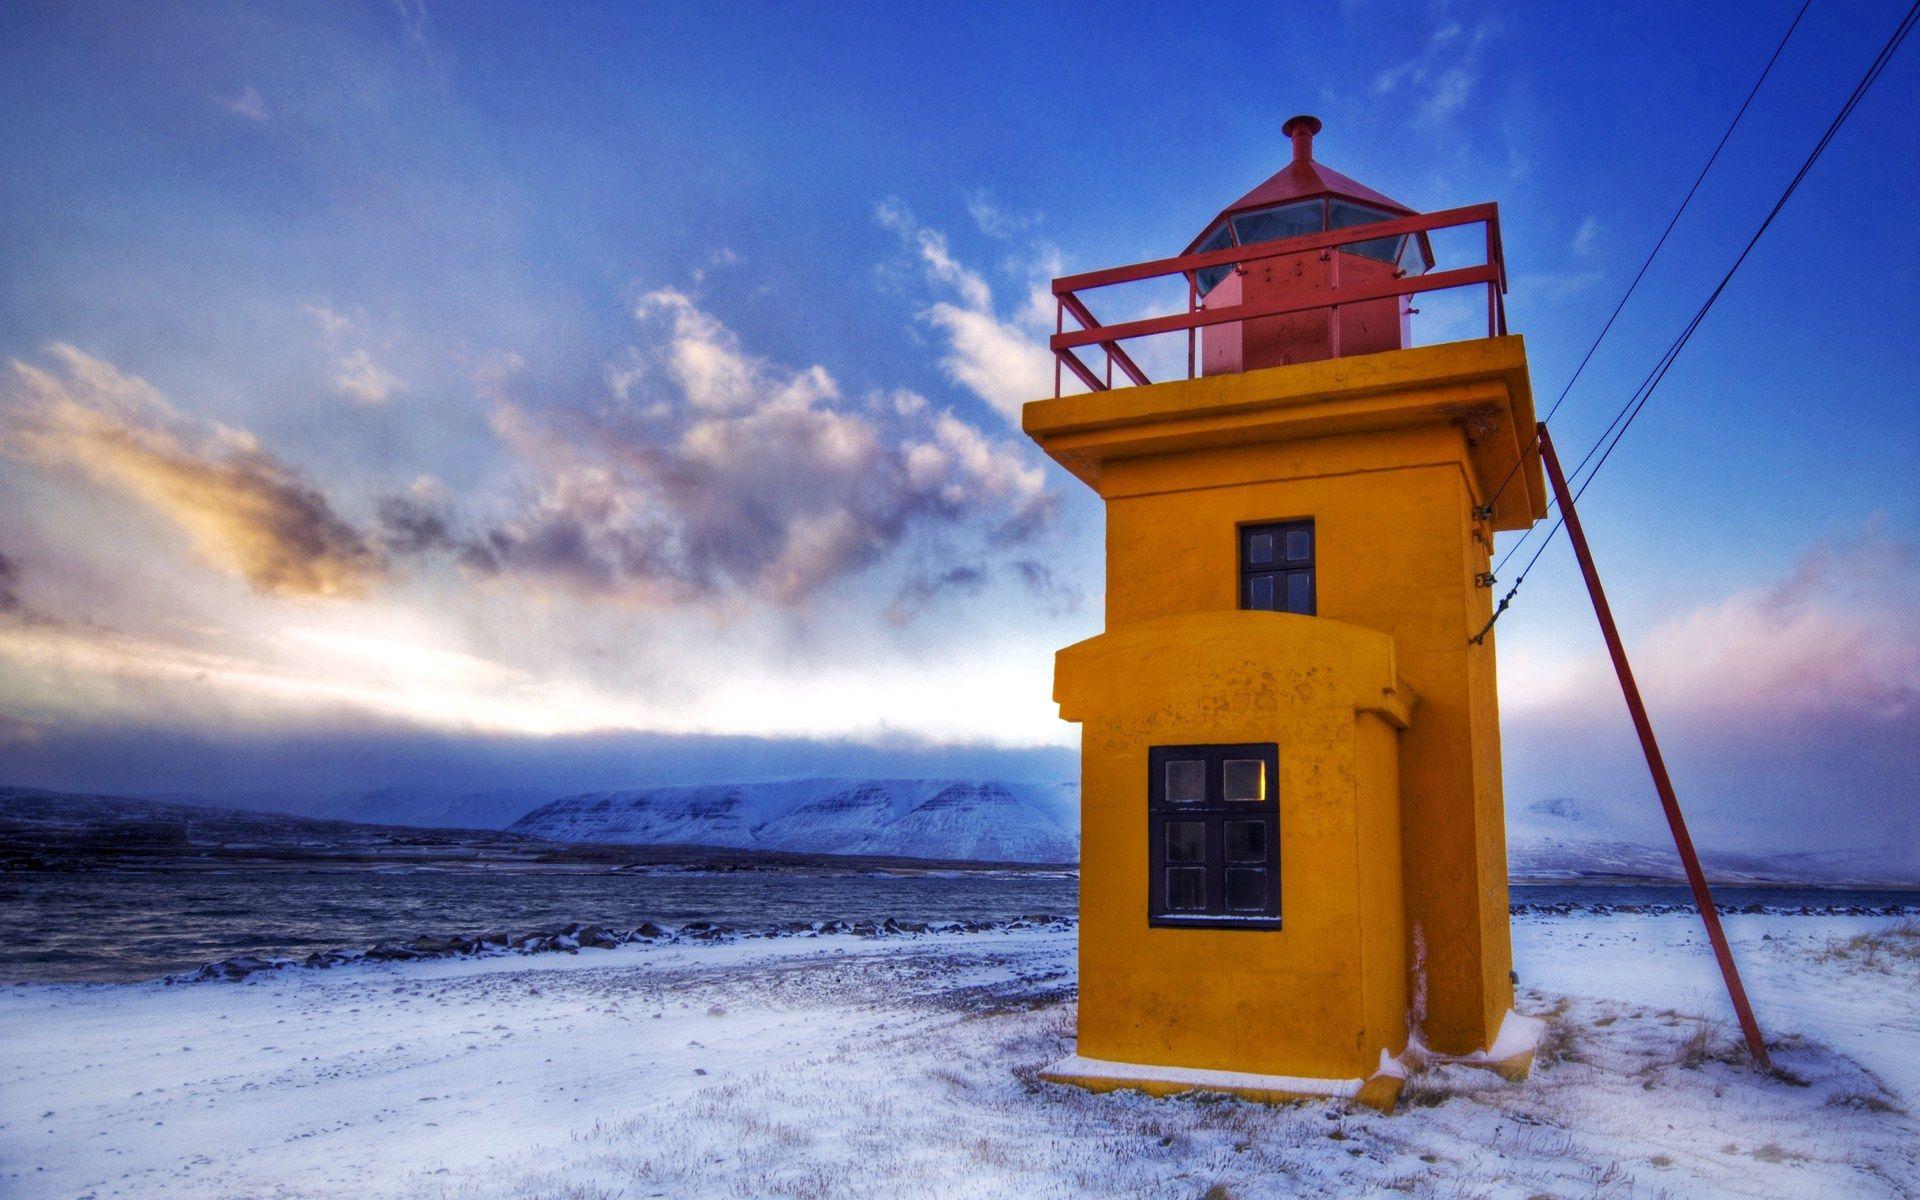 113660 скачать обои Природа, Маяк, Желтый, Провода, Зима, Холод - заставки и картинки бесплатно